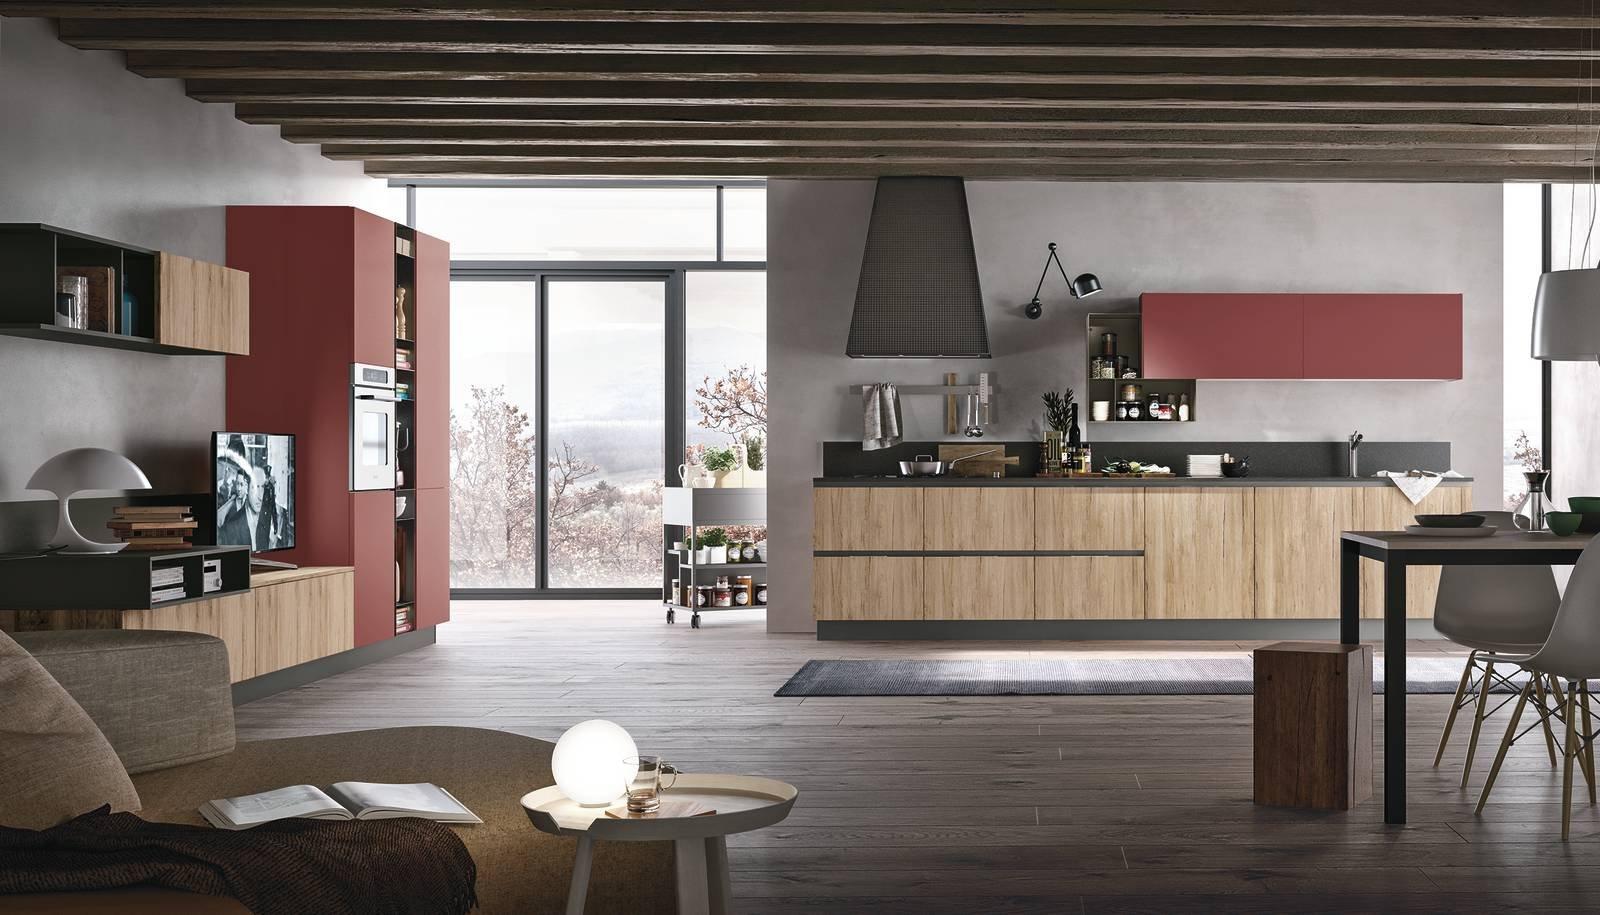 14 soluzioni coordinate di cucina soggiorno colore torino for Parete rossa soggiorno